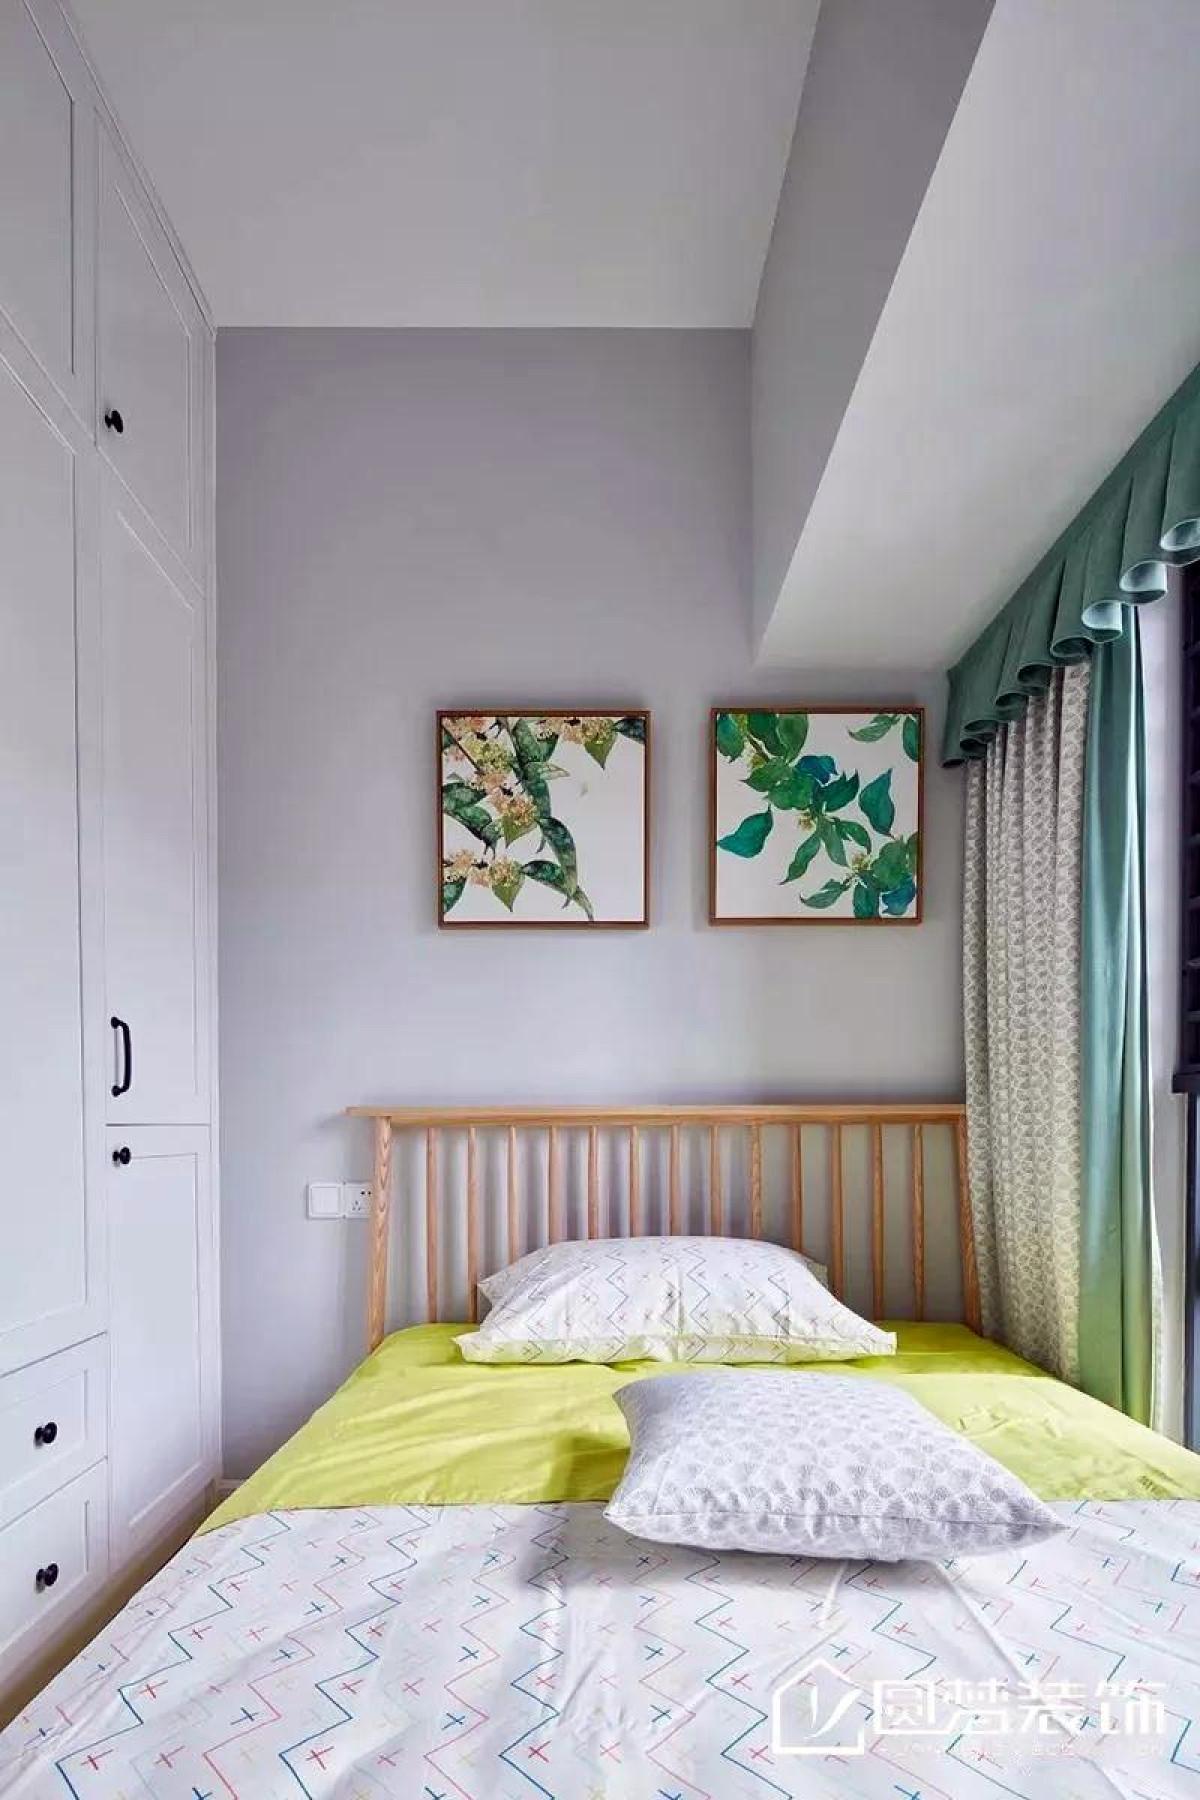 ▲ 次卧由于空间不大,在整体空间配色上以清新色为主,采用白色与木色家具,缓冲压抑感